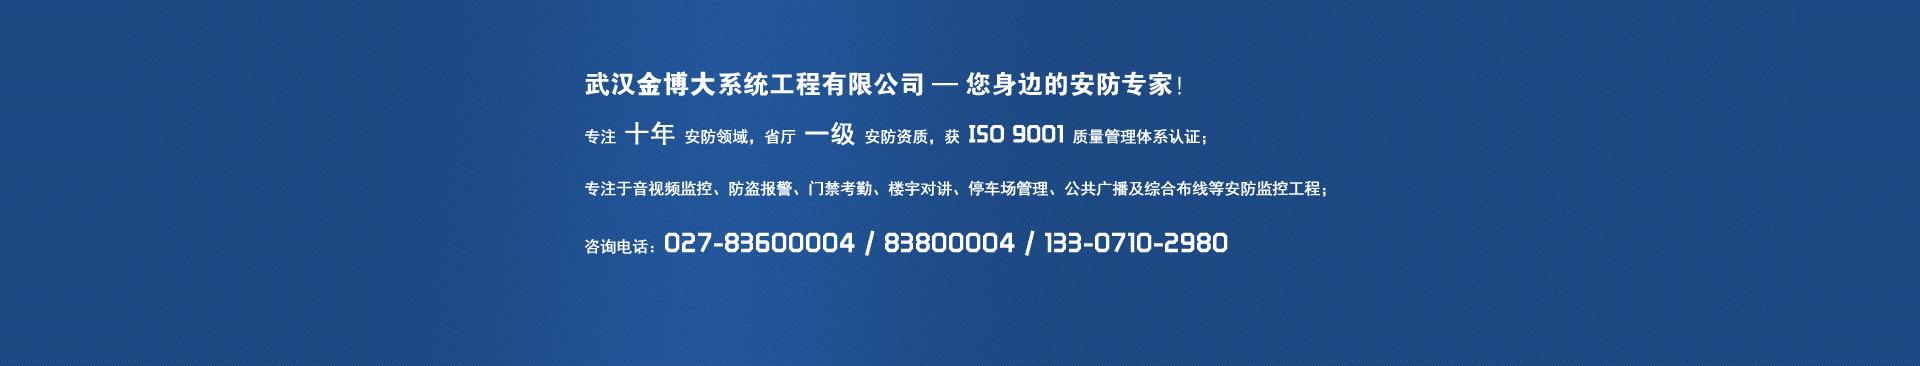 武汉金博大系统工程有限公司,您身边的德赢ac官方合作专家!